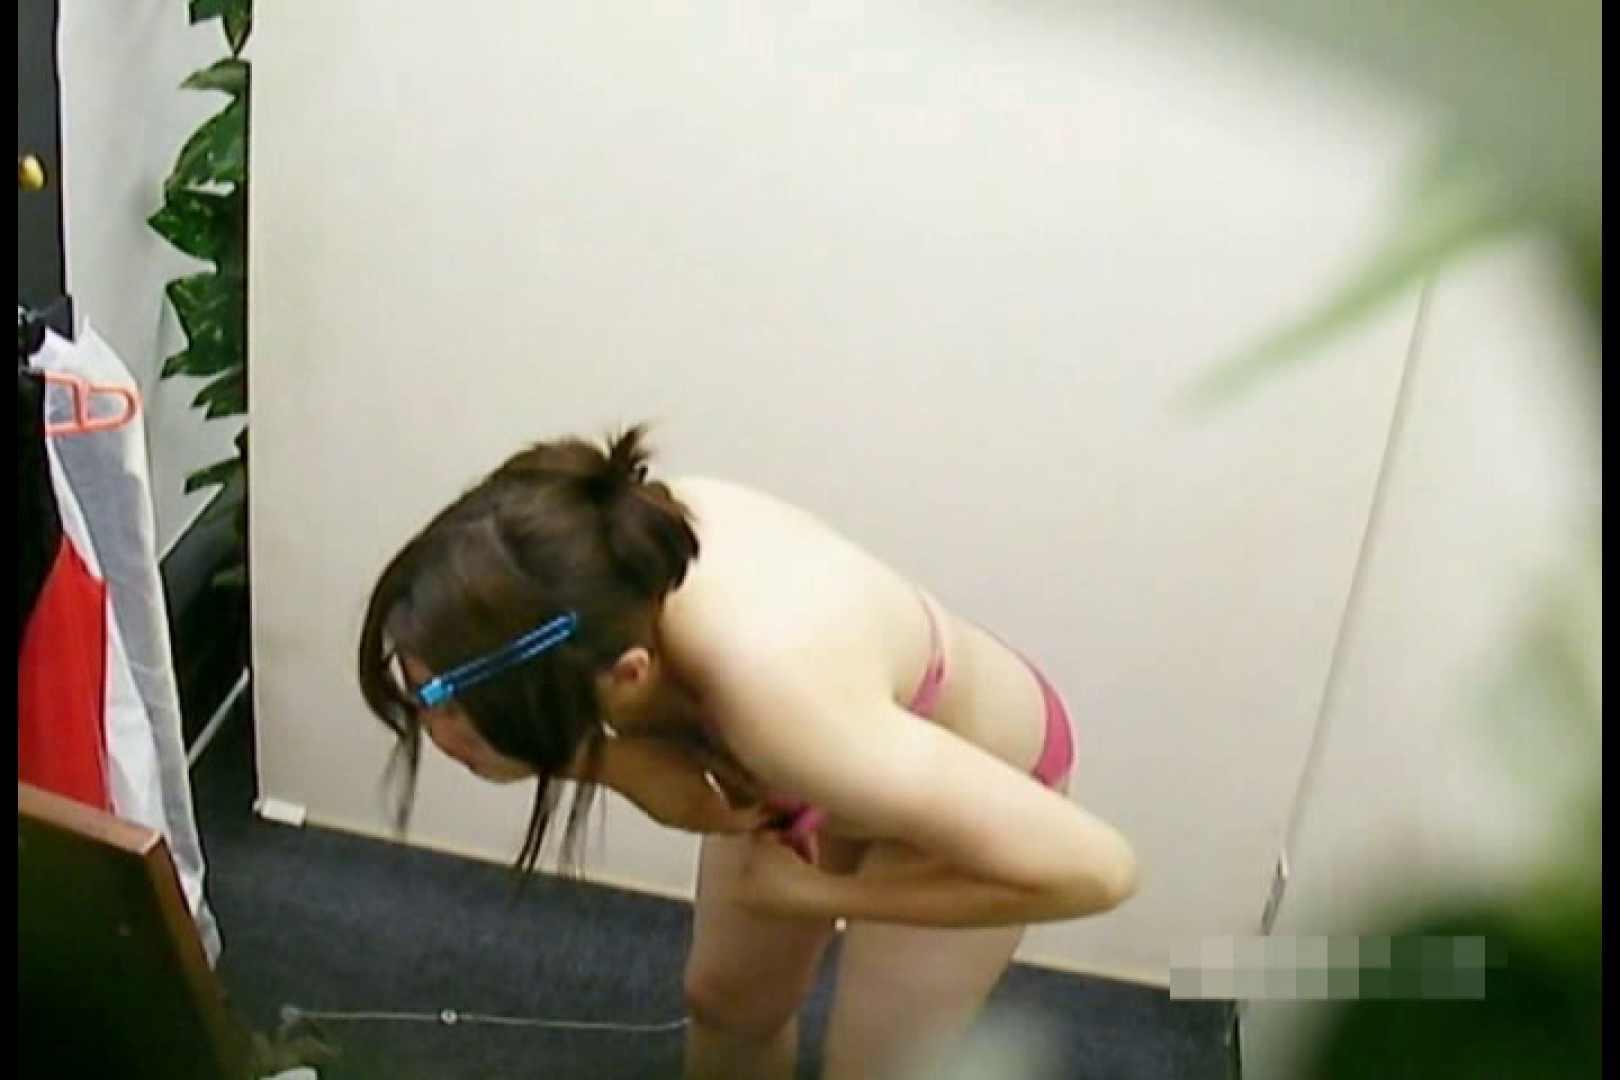 素人撮影 下着だけの撮影のはずが・・・えりか18歳 巨乳  104PIX 42